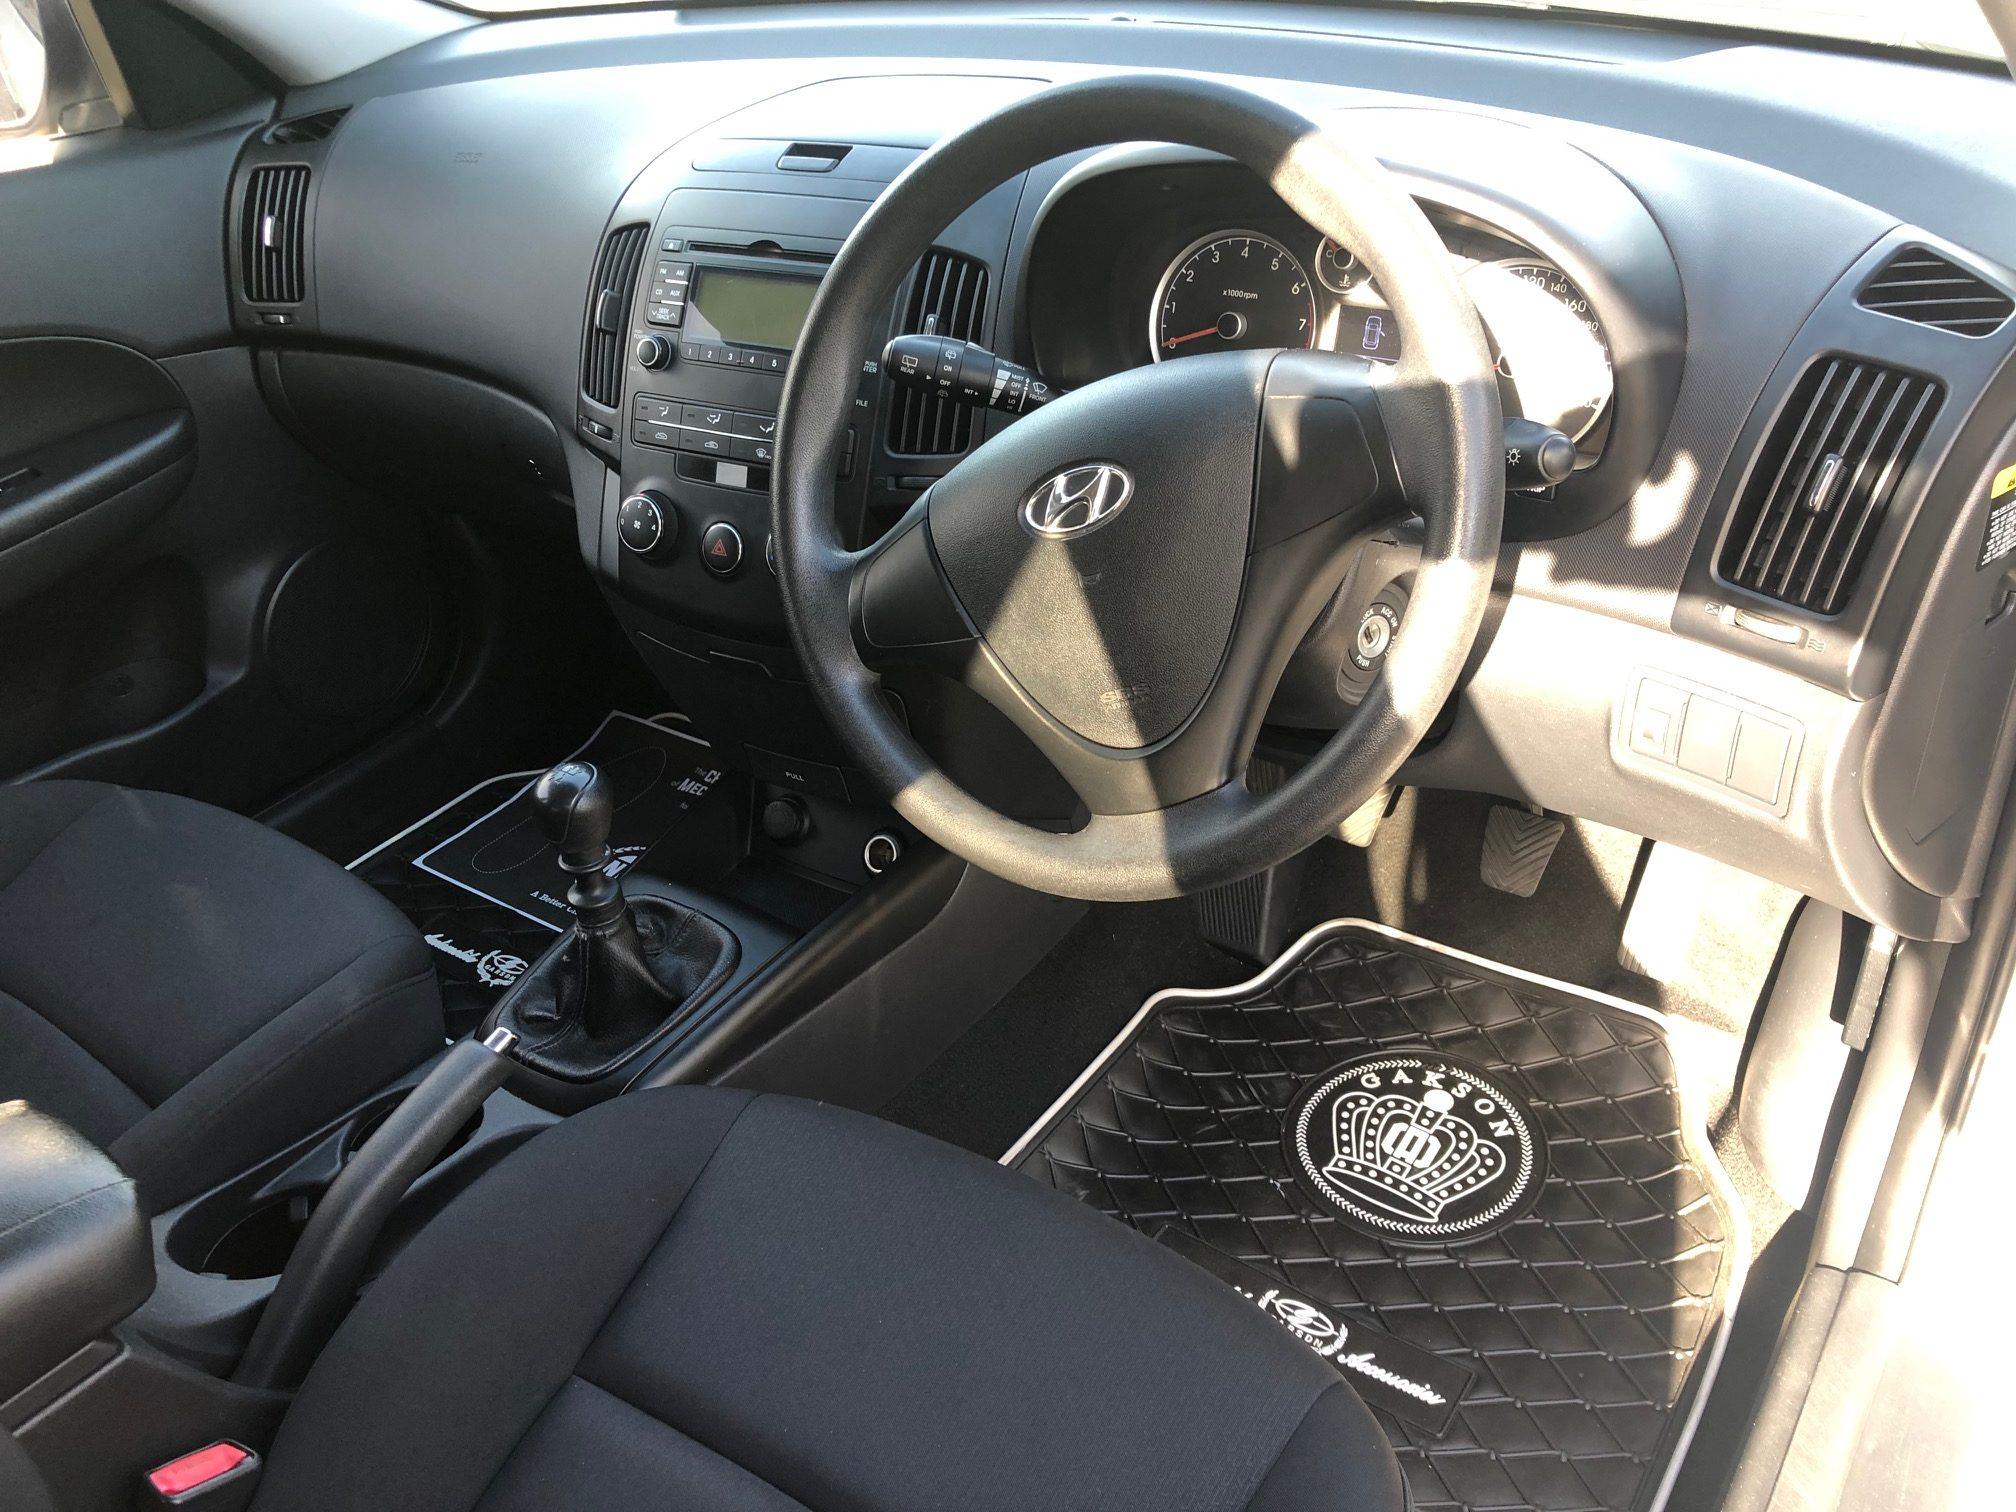 2010 Hyundai i30 SX MY10 2.0L Petrol